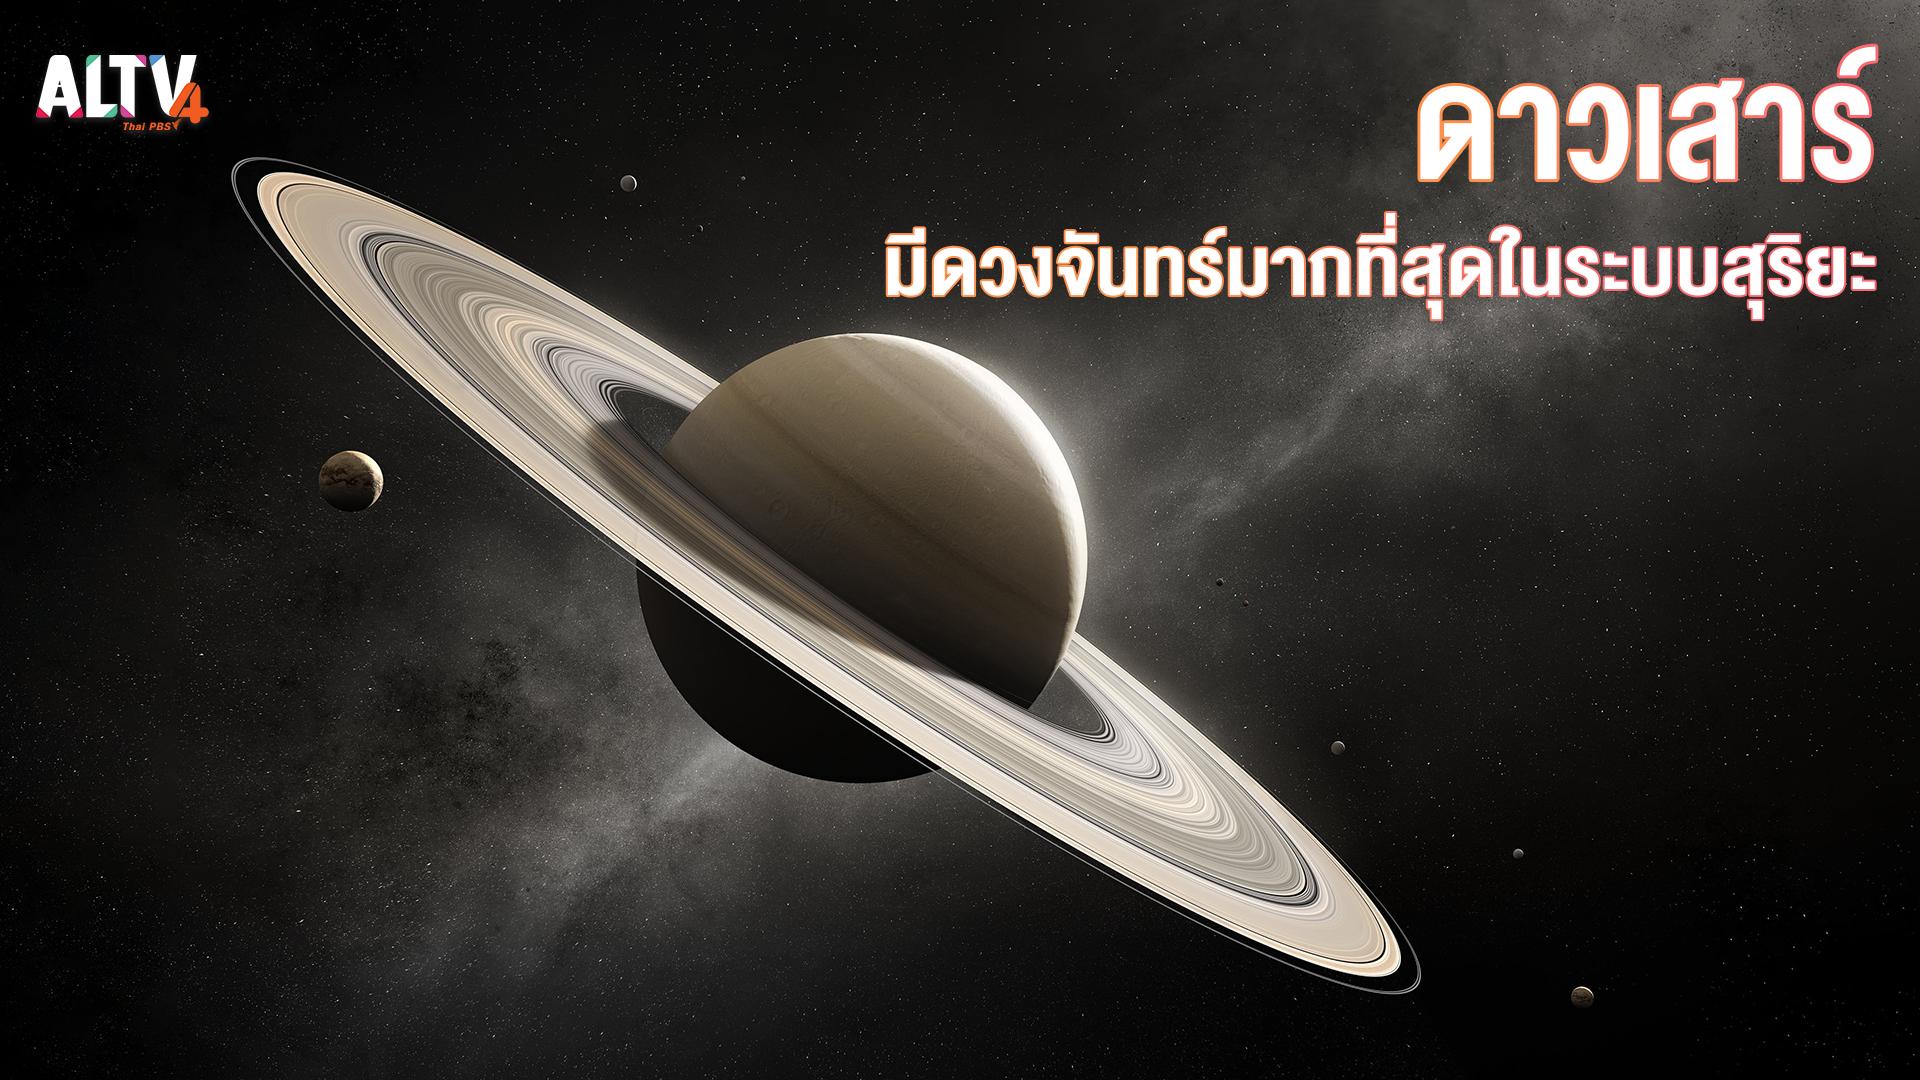 """""""ดาวเสาร์"""" ดาวเคราะห์ที่มีดวงจันทร์มากที่สุดในระบบสุริยะจักรวาล"""